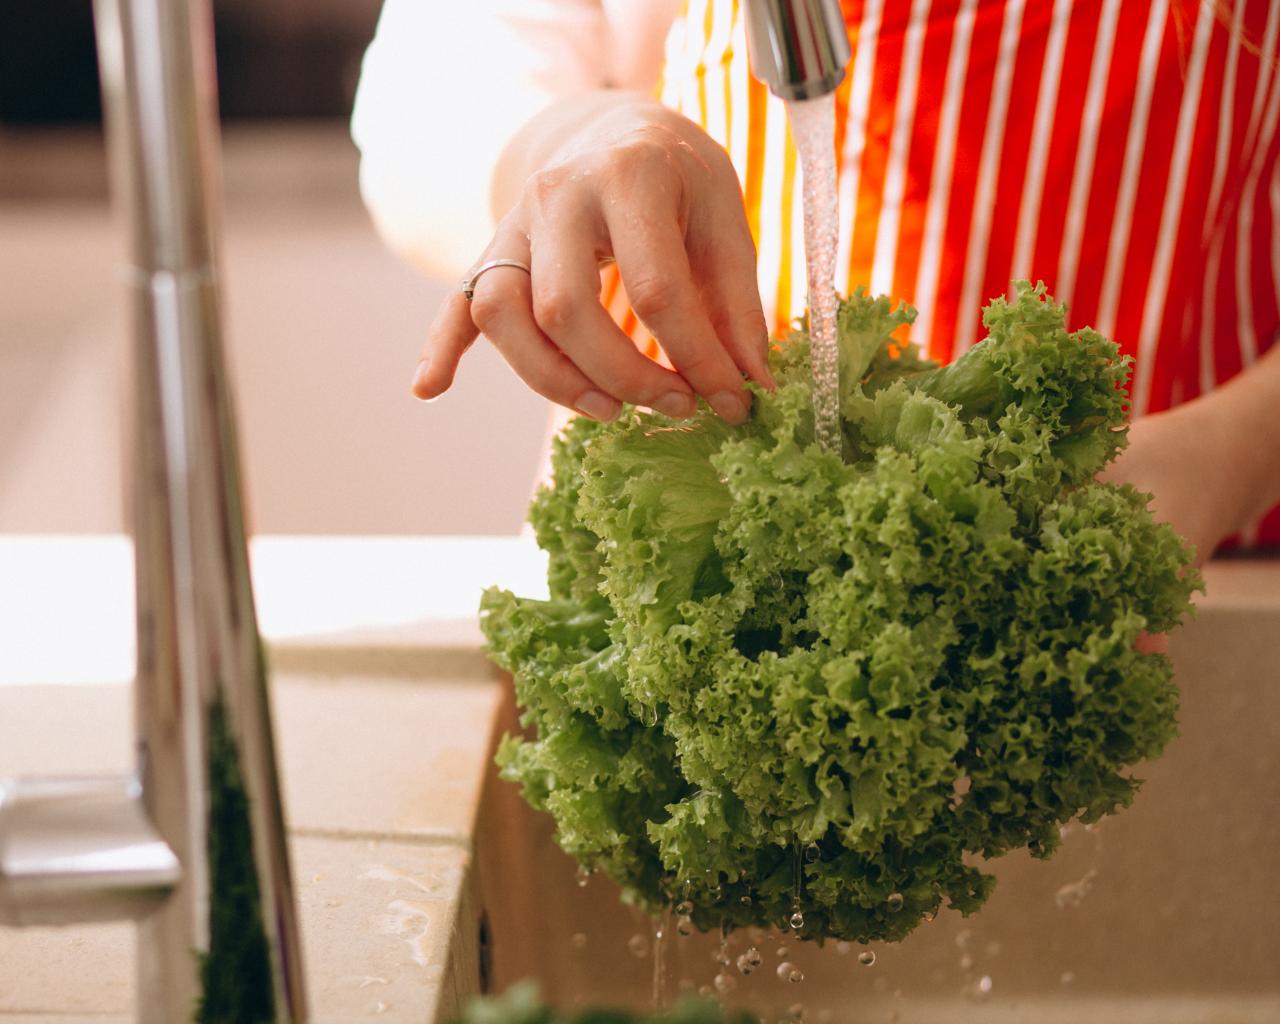 Académica convoca a todos los actores a garantizar la inocuidad de los alimentos